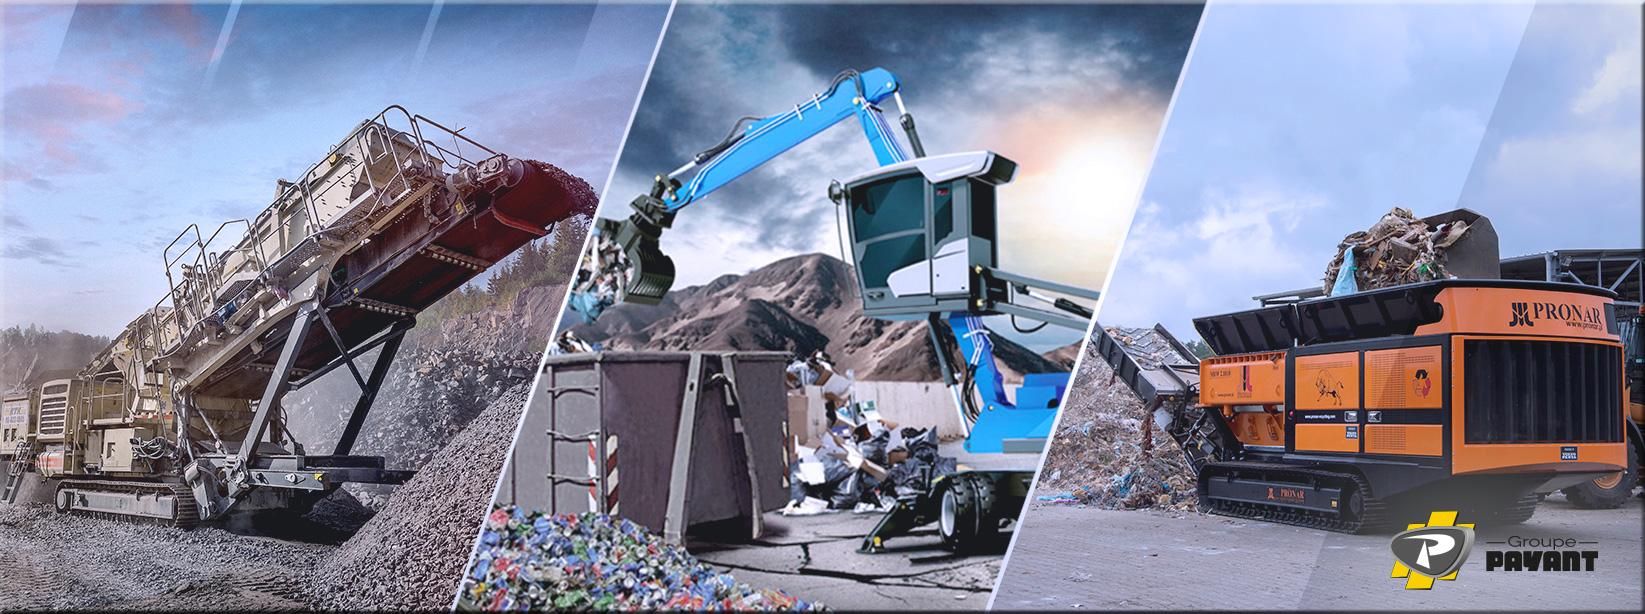 Matériels de Carrière/Recyclage/Environnement Groupe PAYANT